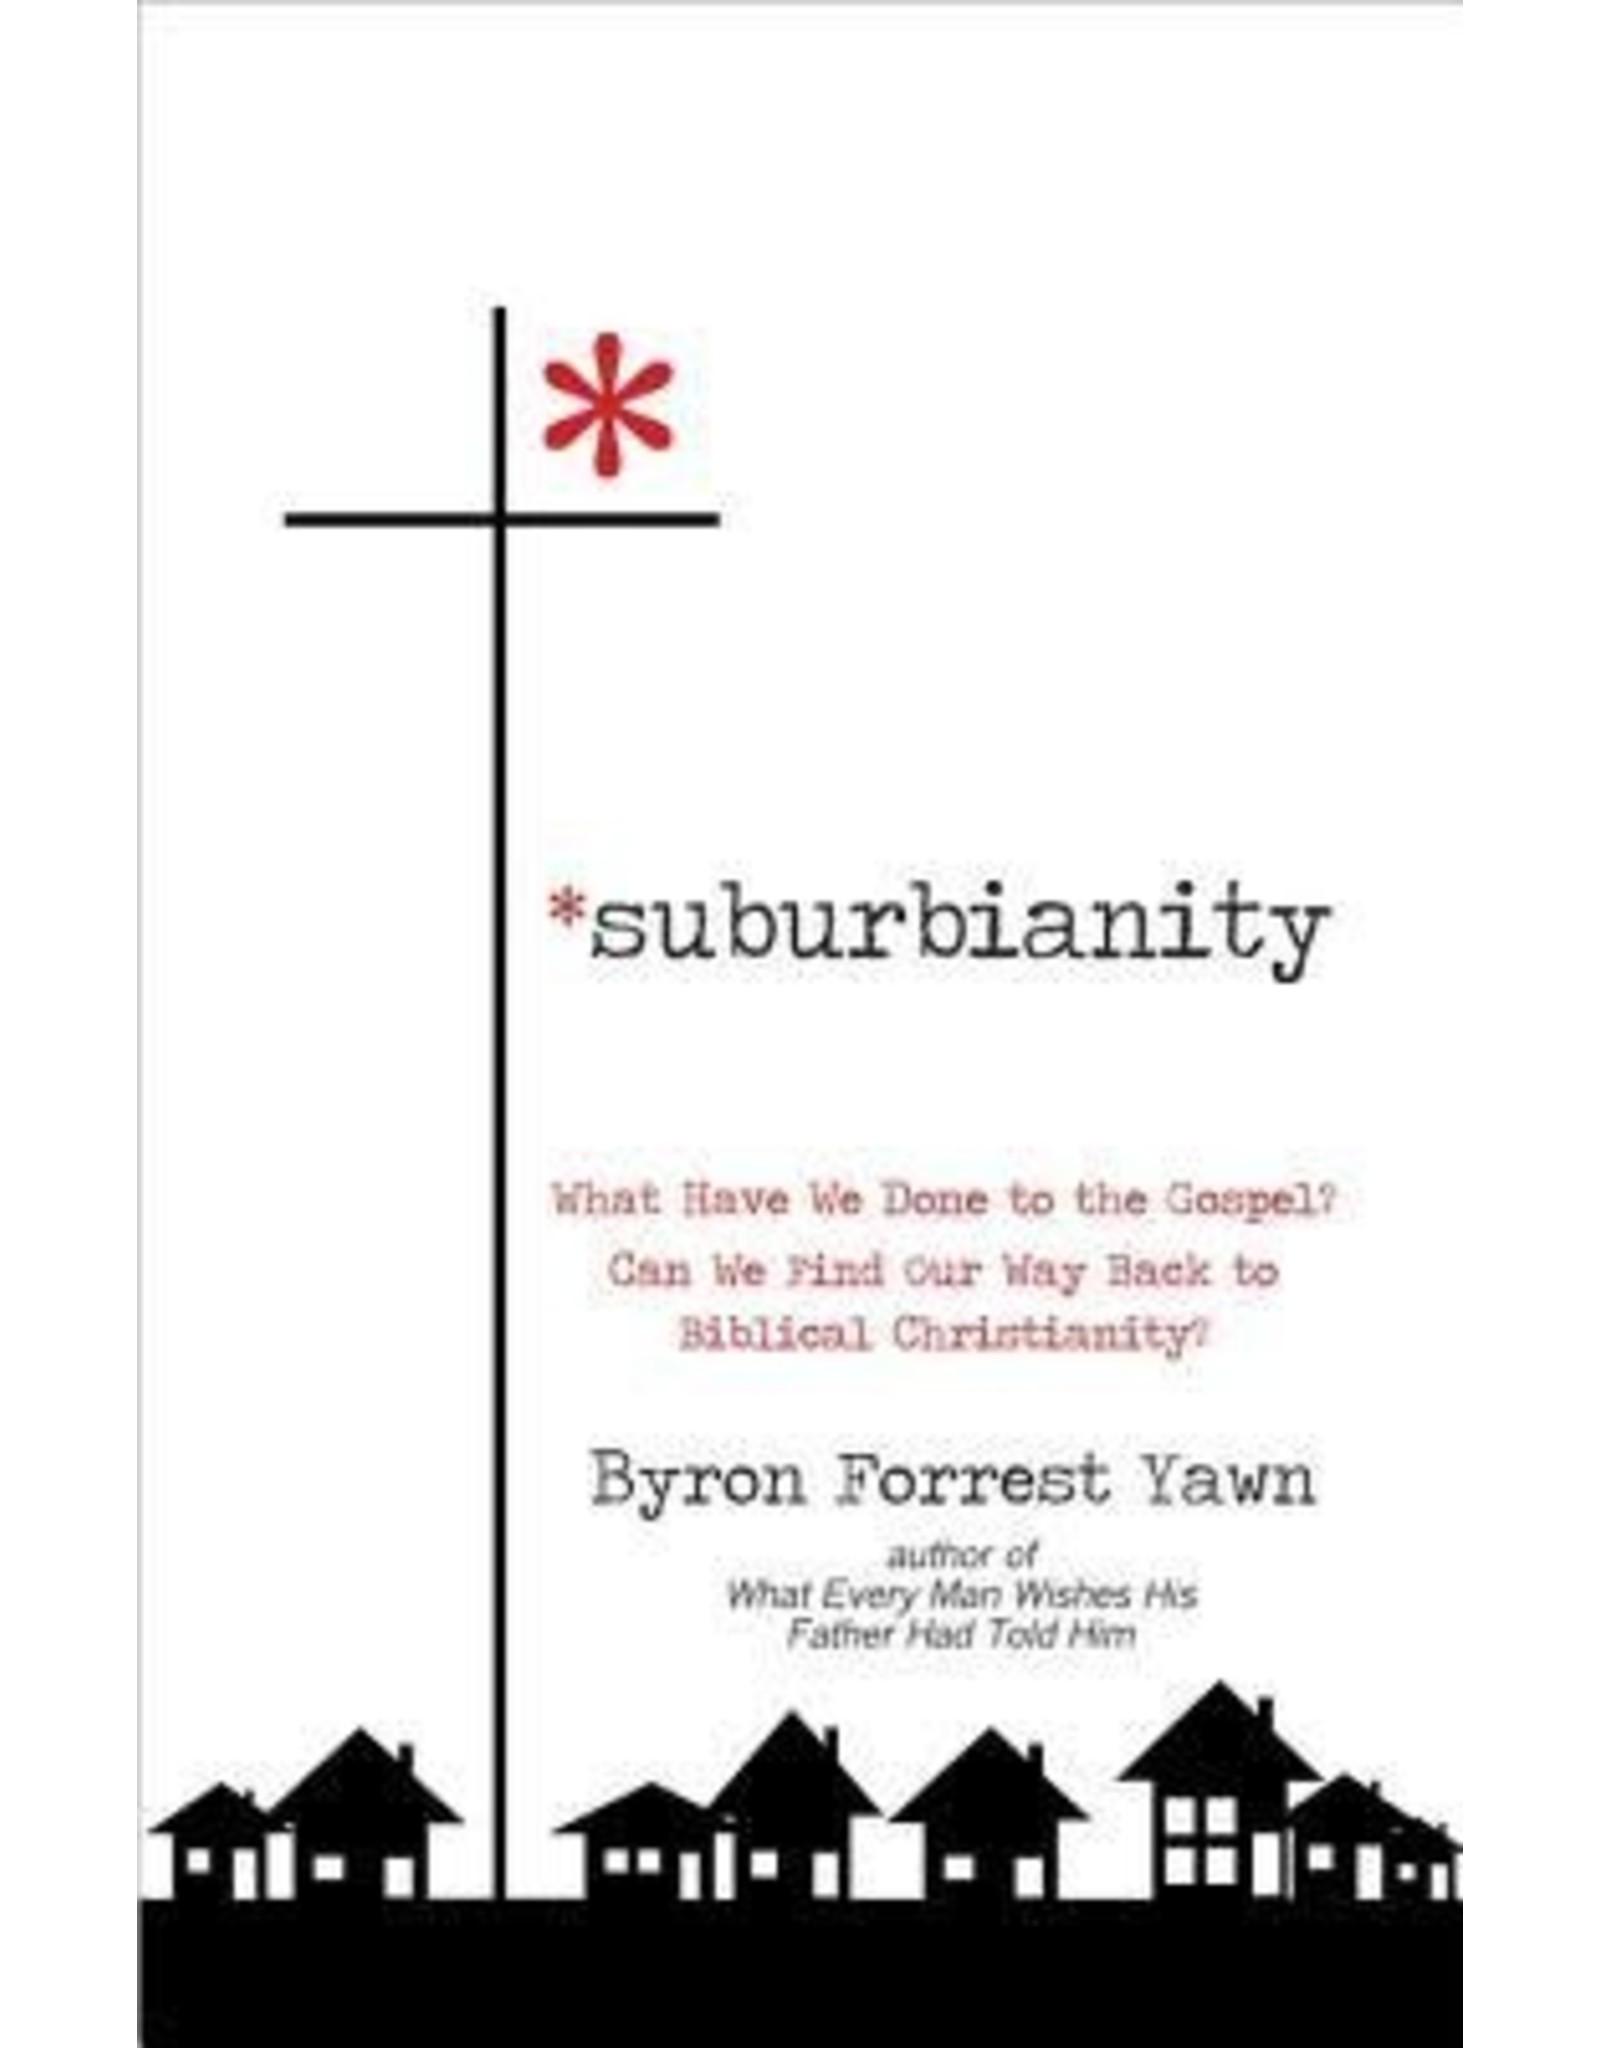 Yawn Suburbianity